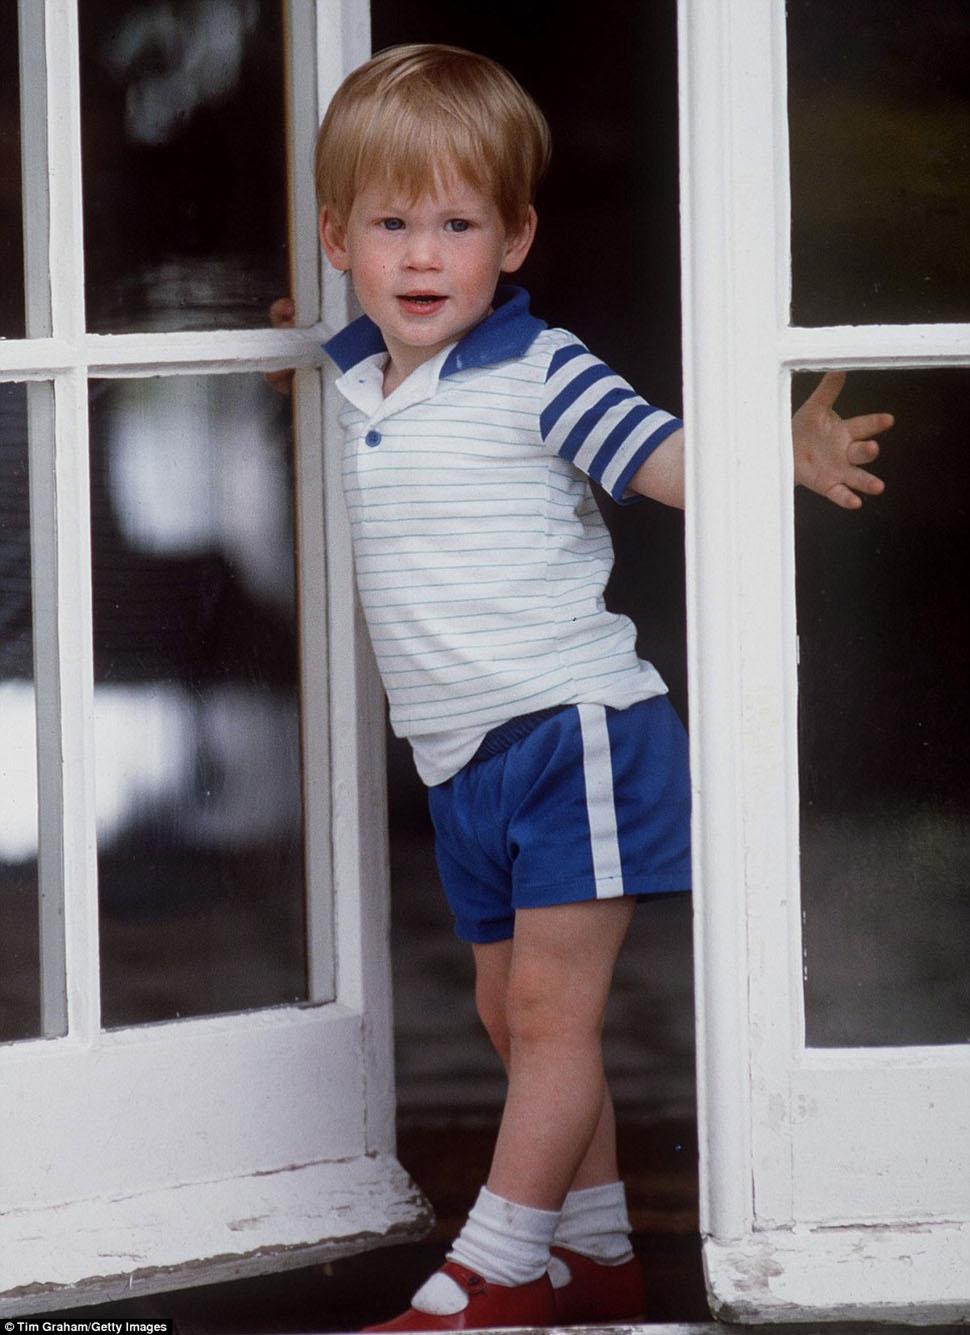 Юный Гарри в Хайгроув-хаус, резиденции королевской семьи в графстве Глостер. Сейчас много разговоров